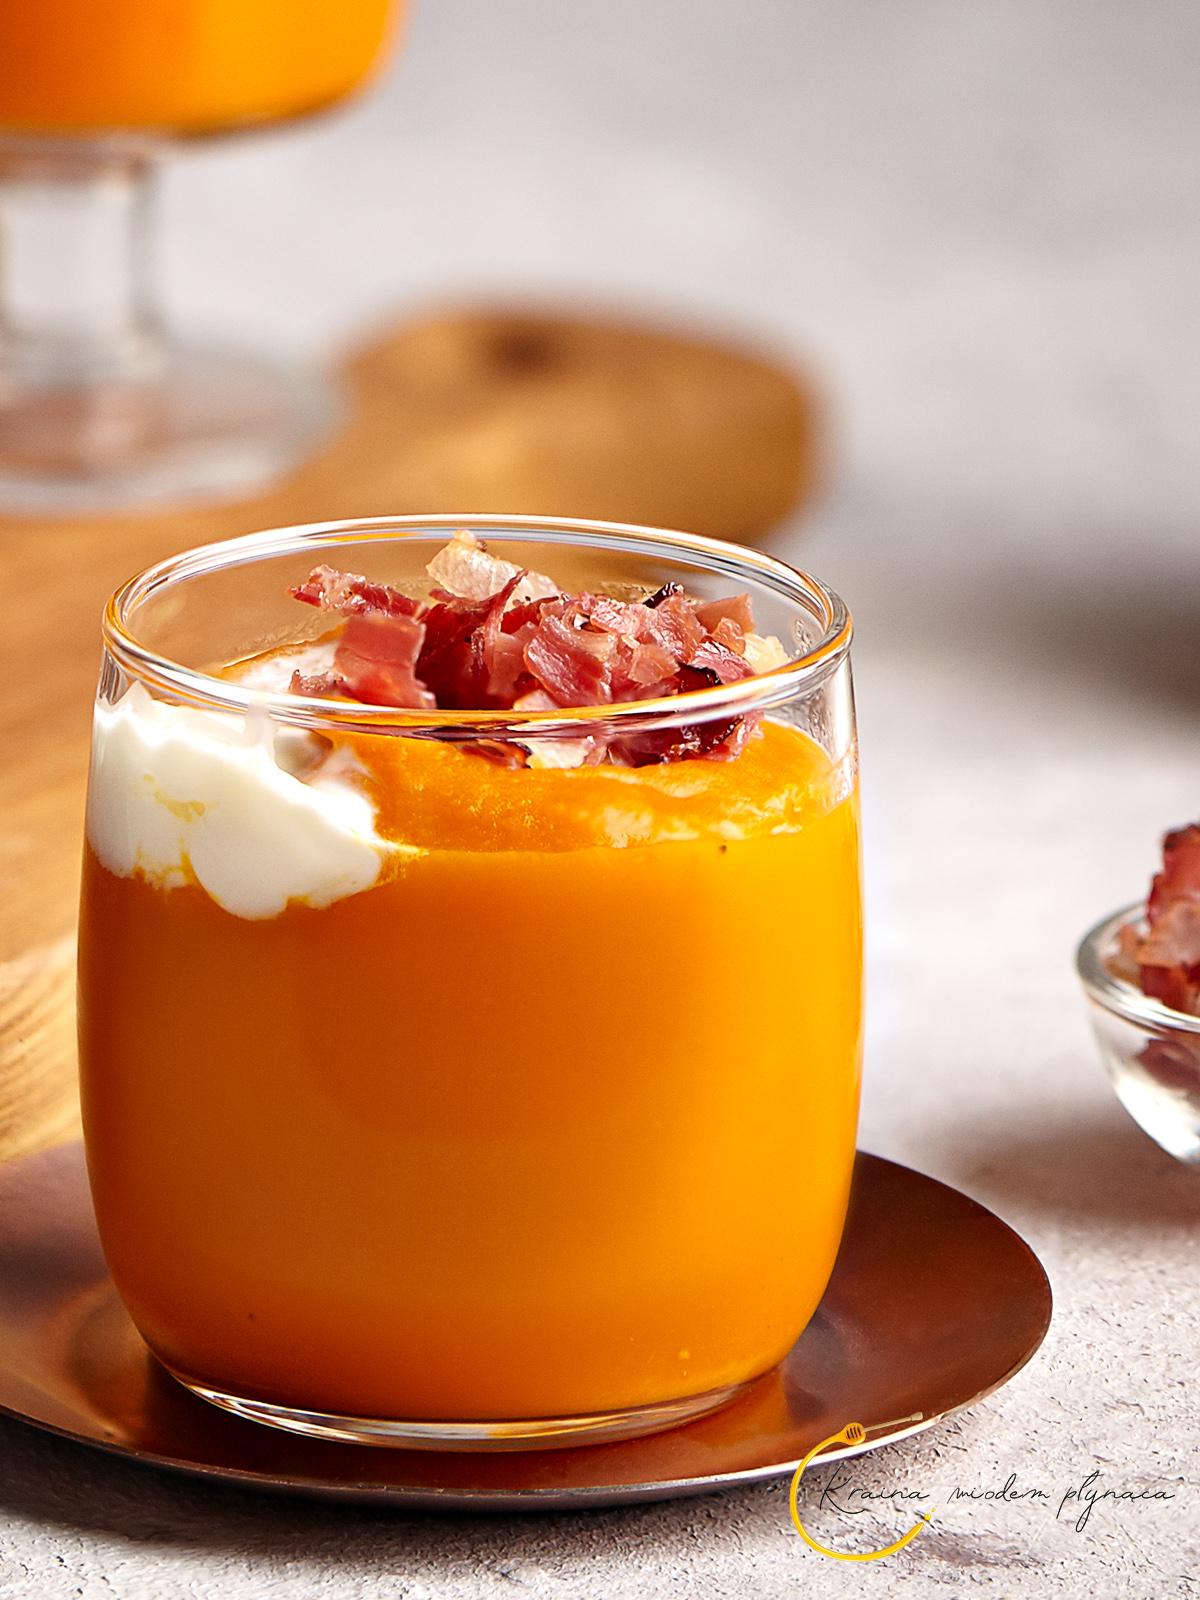 zupa krem z dyni, zupa krem dyniowa, zupa krem dyniowy, dynia hokkaido, kraina miodem płynąca, fotografia kulinarna szczecin